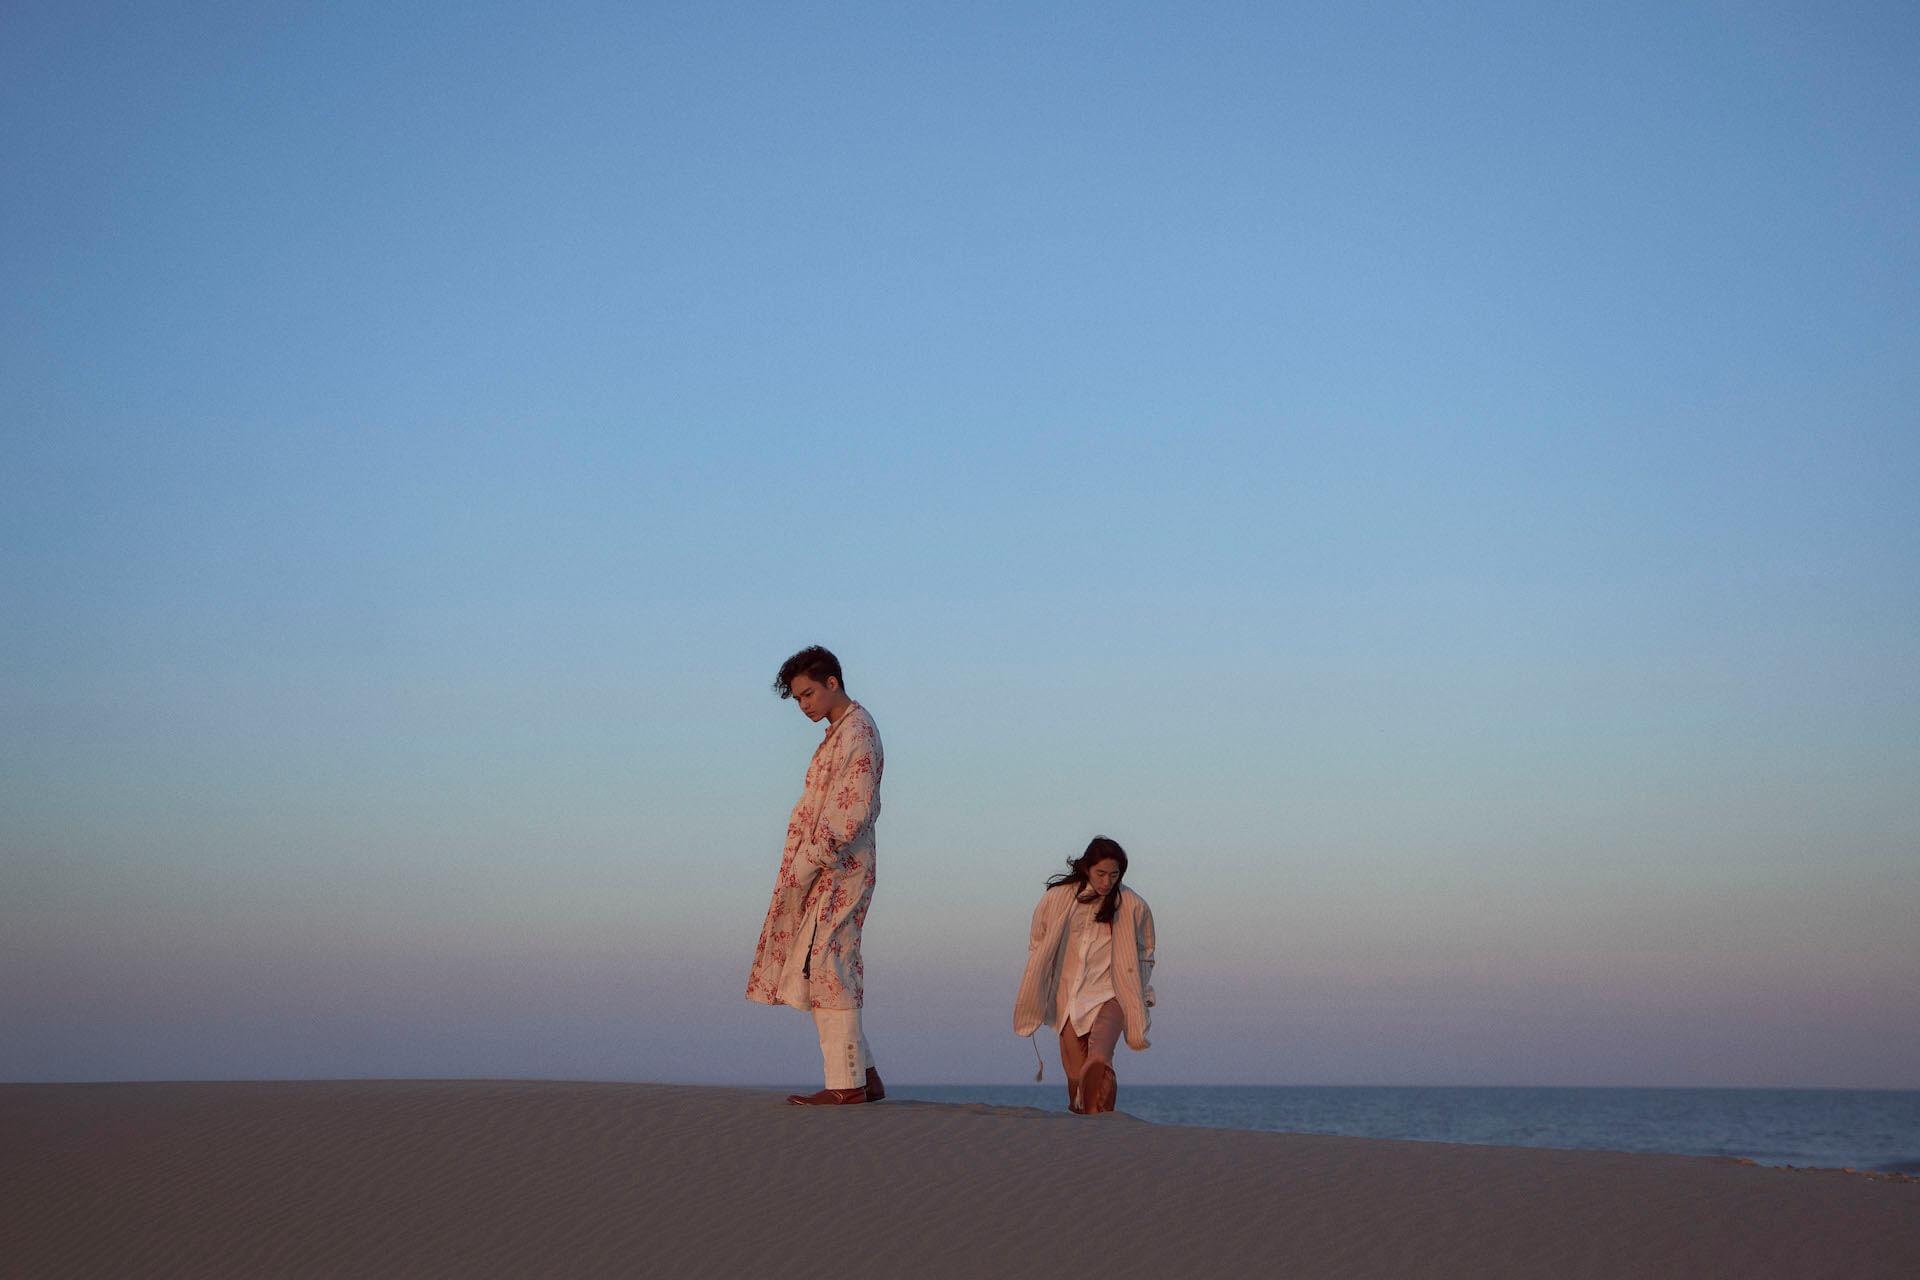 三吉彩花・阿部純子W主演映画『Daughters』音楽提供アーティスト豪華総勢13組を一挙発表|chelmicoからコメントも到着 film200806-daughters-1-1